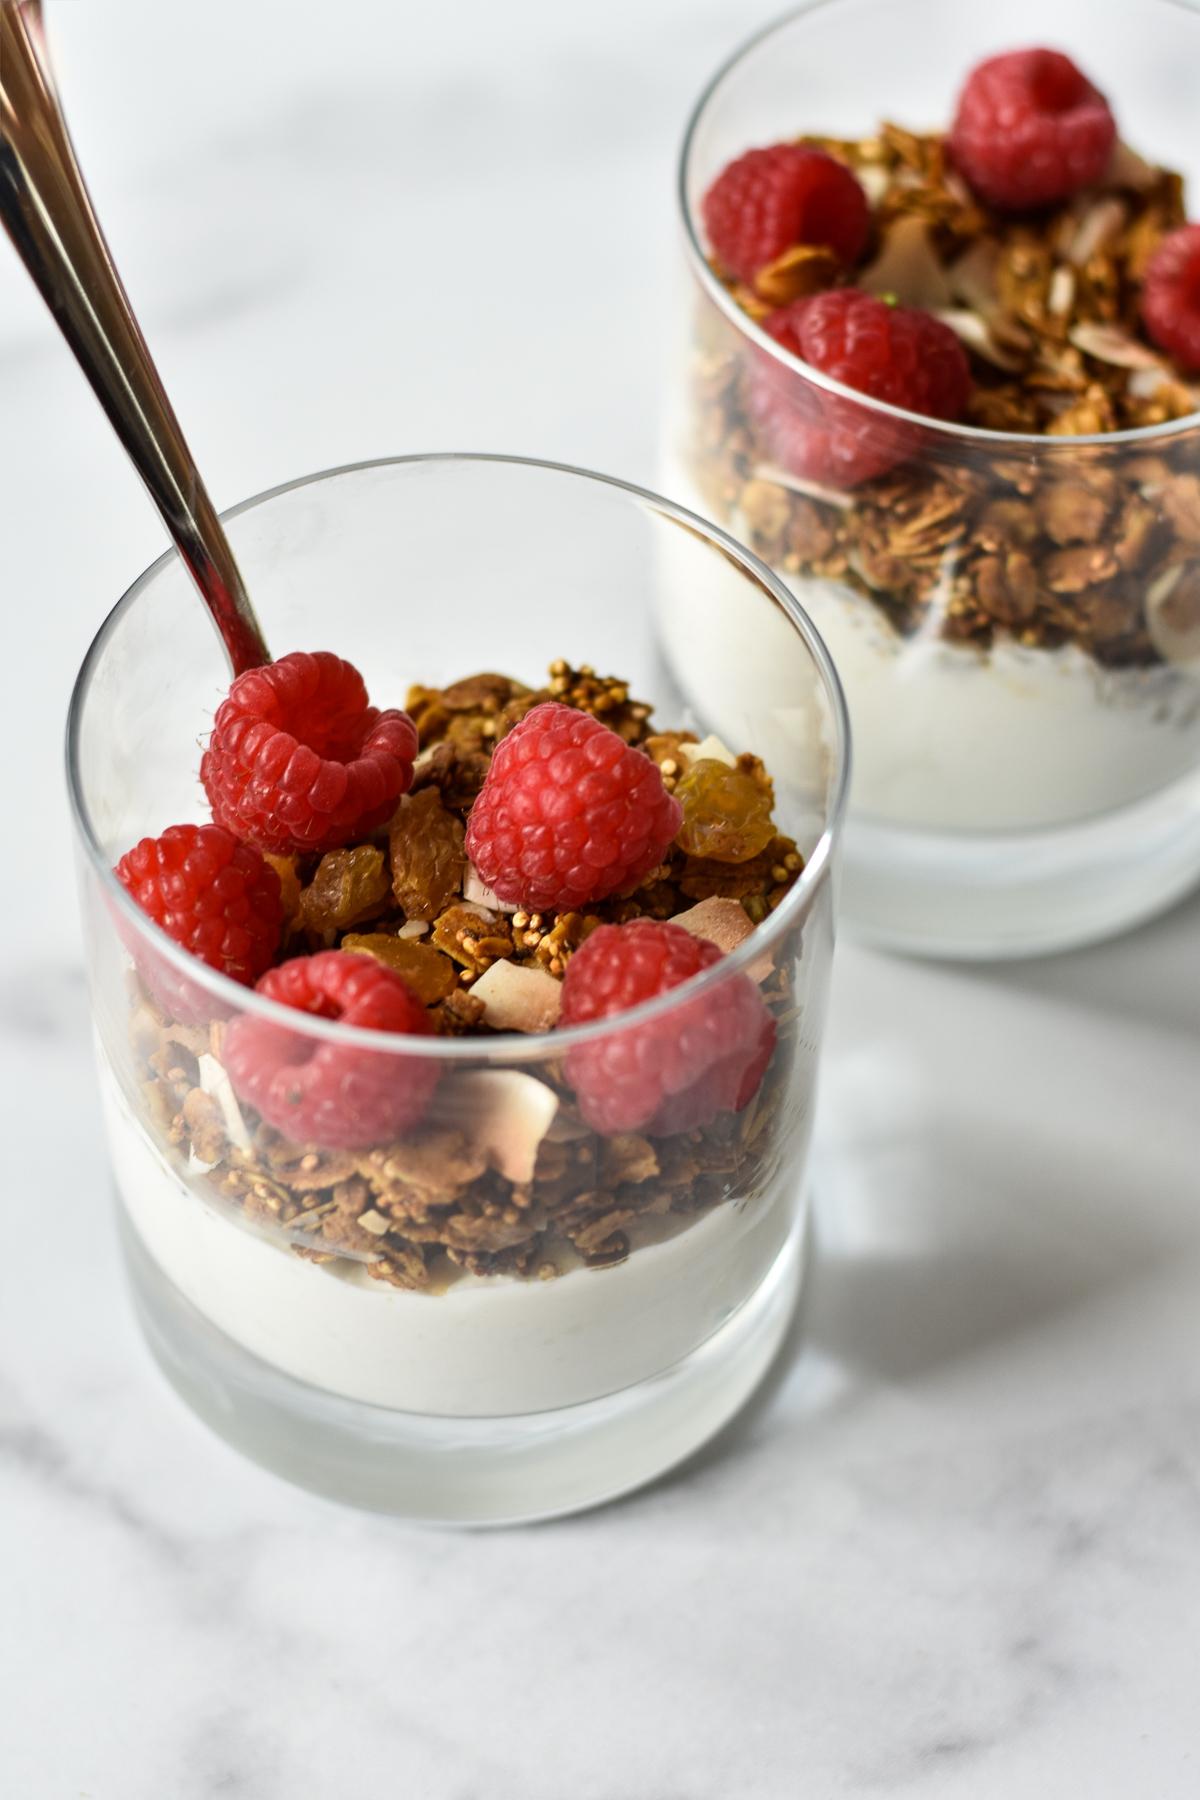 yogurt, granola and raspberries layered in glasses